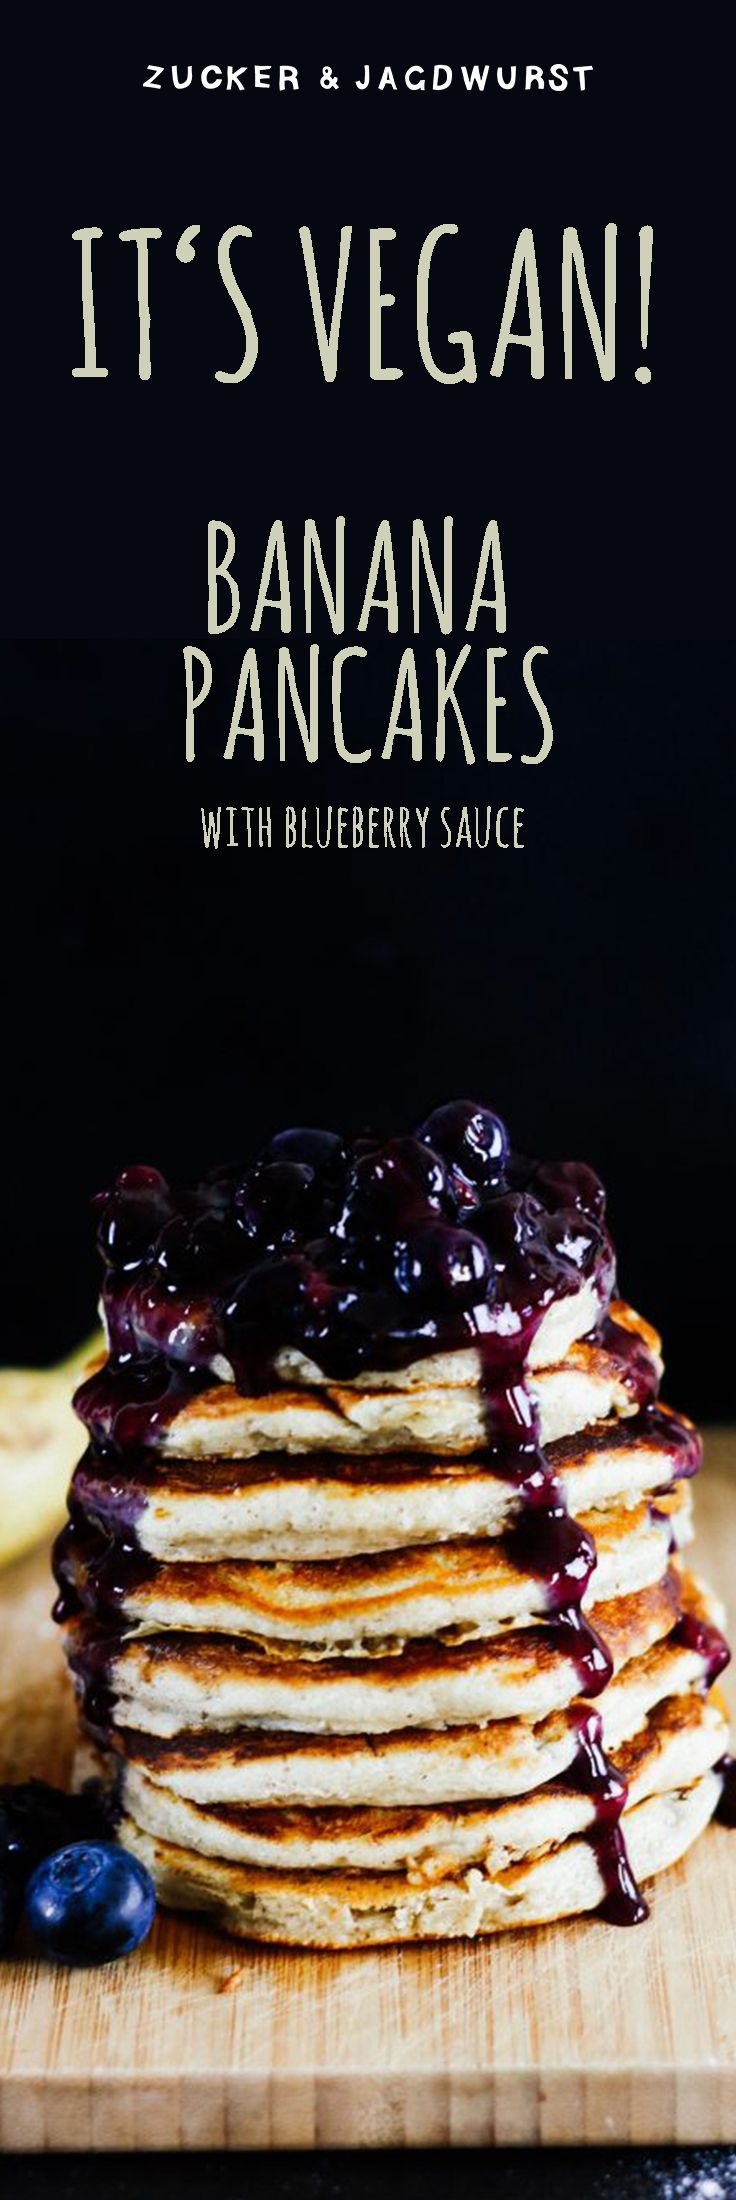 Vegane Pancakes mit Banane - sehr gutes Rezept (wenige Zutaten, gute Textur, guter Geschmack)